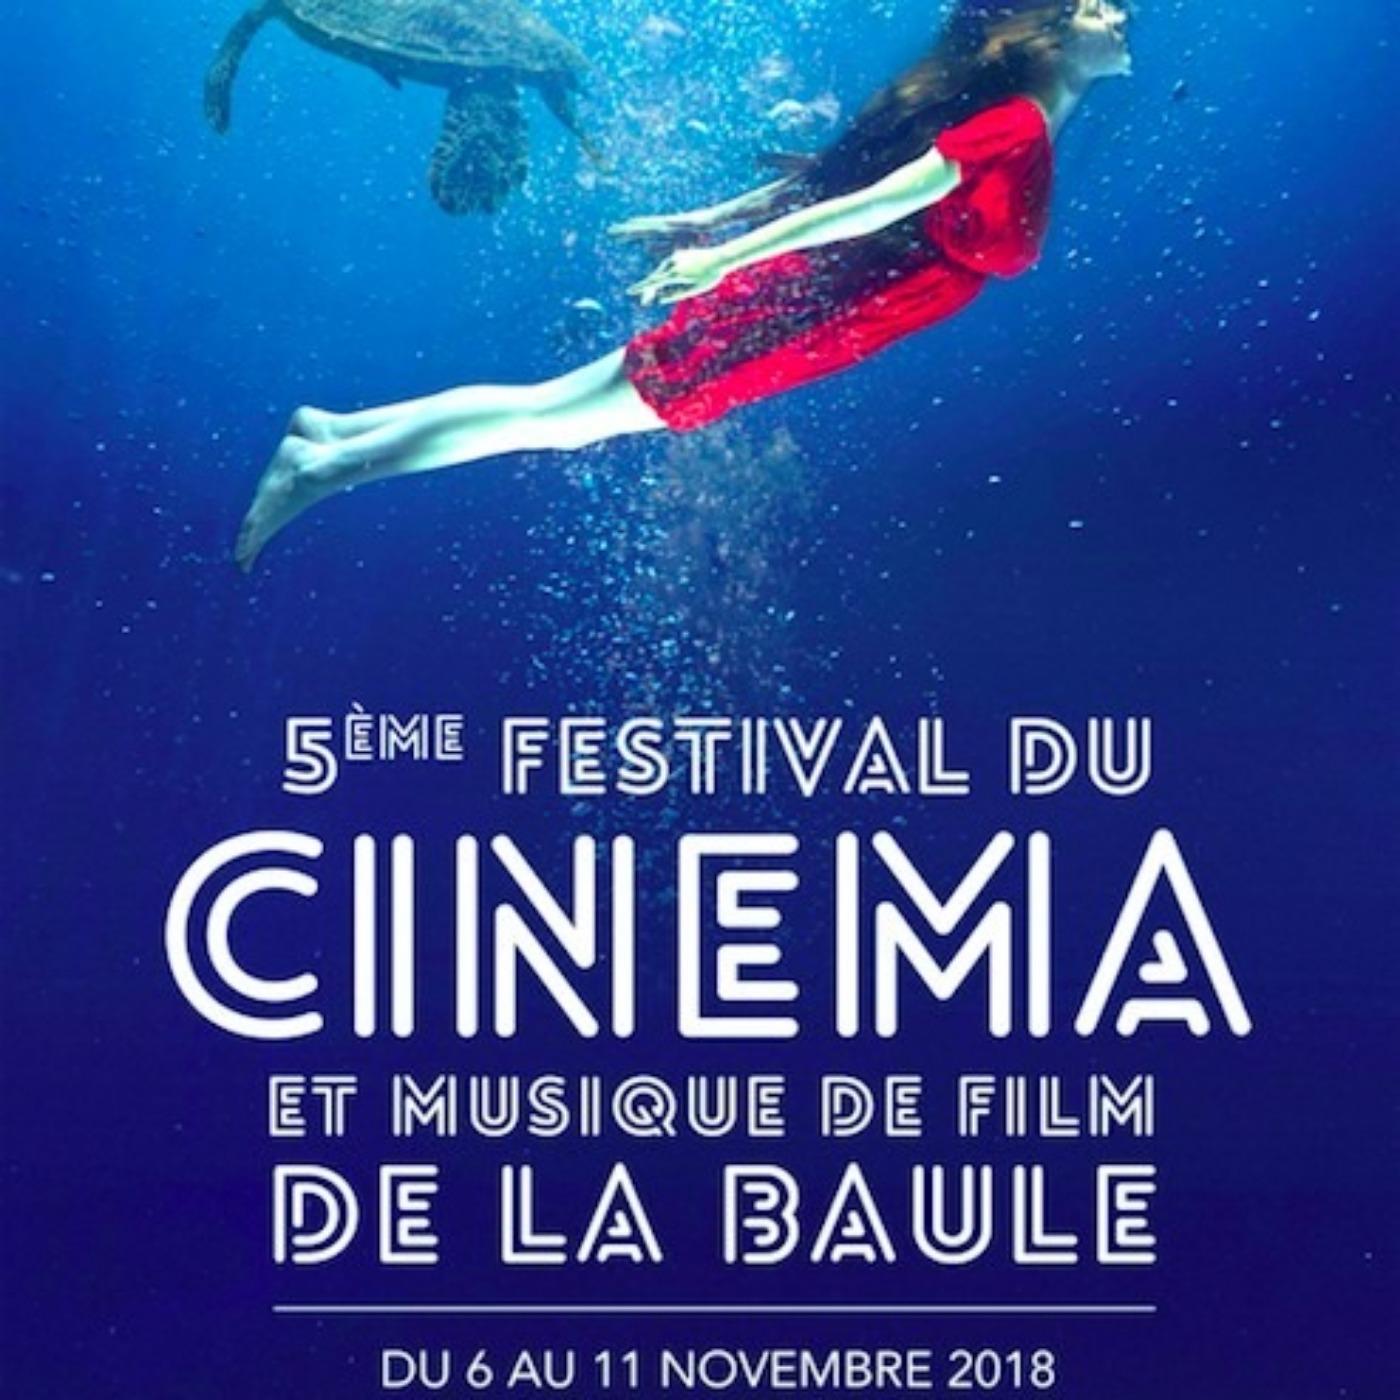 CinéMaRadio Aime le Festival du Cinéma Et Musique de Film de La Baule | JOUR 5